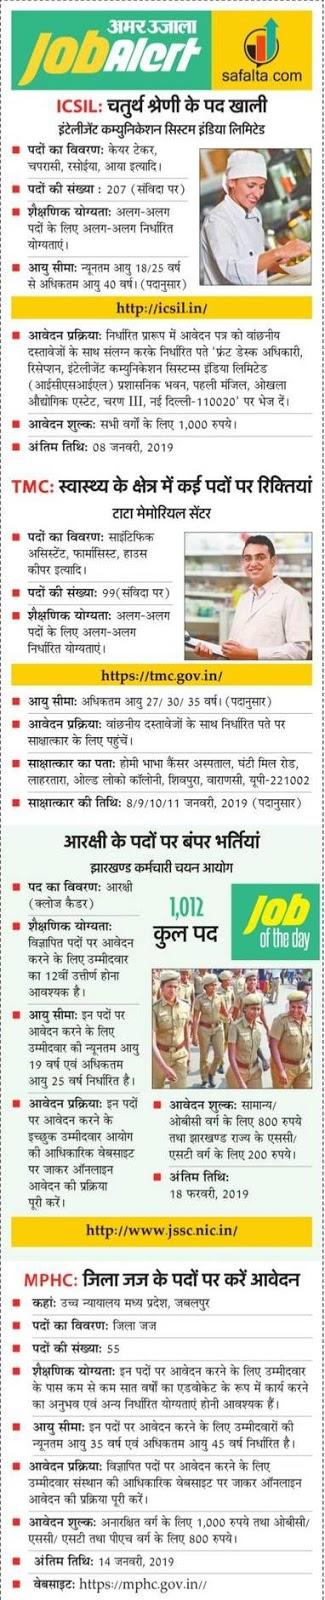 Today Job Alert: जानिए आज कहाँ और किन पदों पर निकलीं भर्तियाँ.